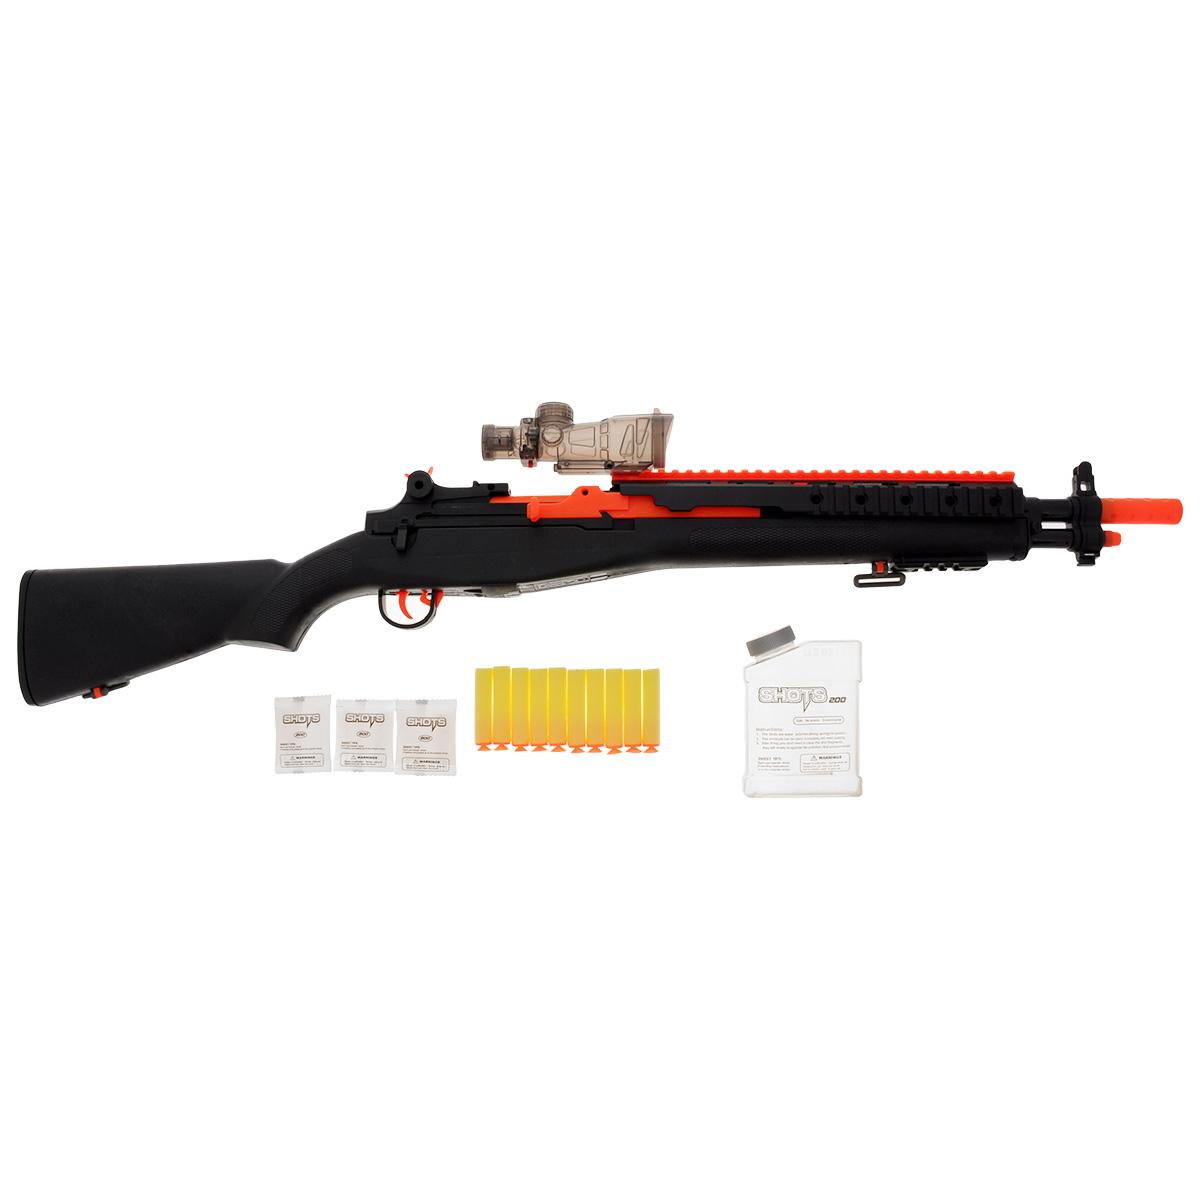 Винтовка Mioshi Army  Стража: М79 , цвет: черный - Игрушечное оружие